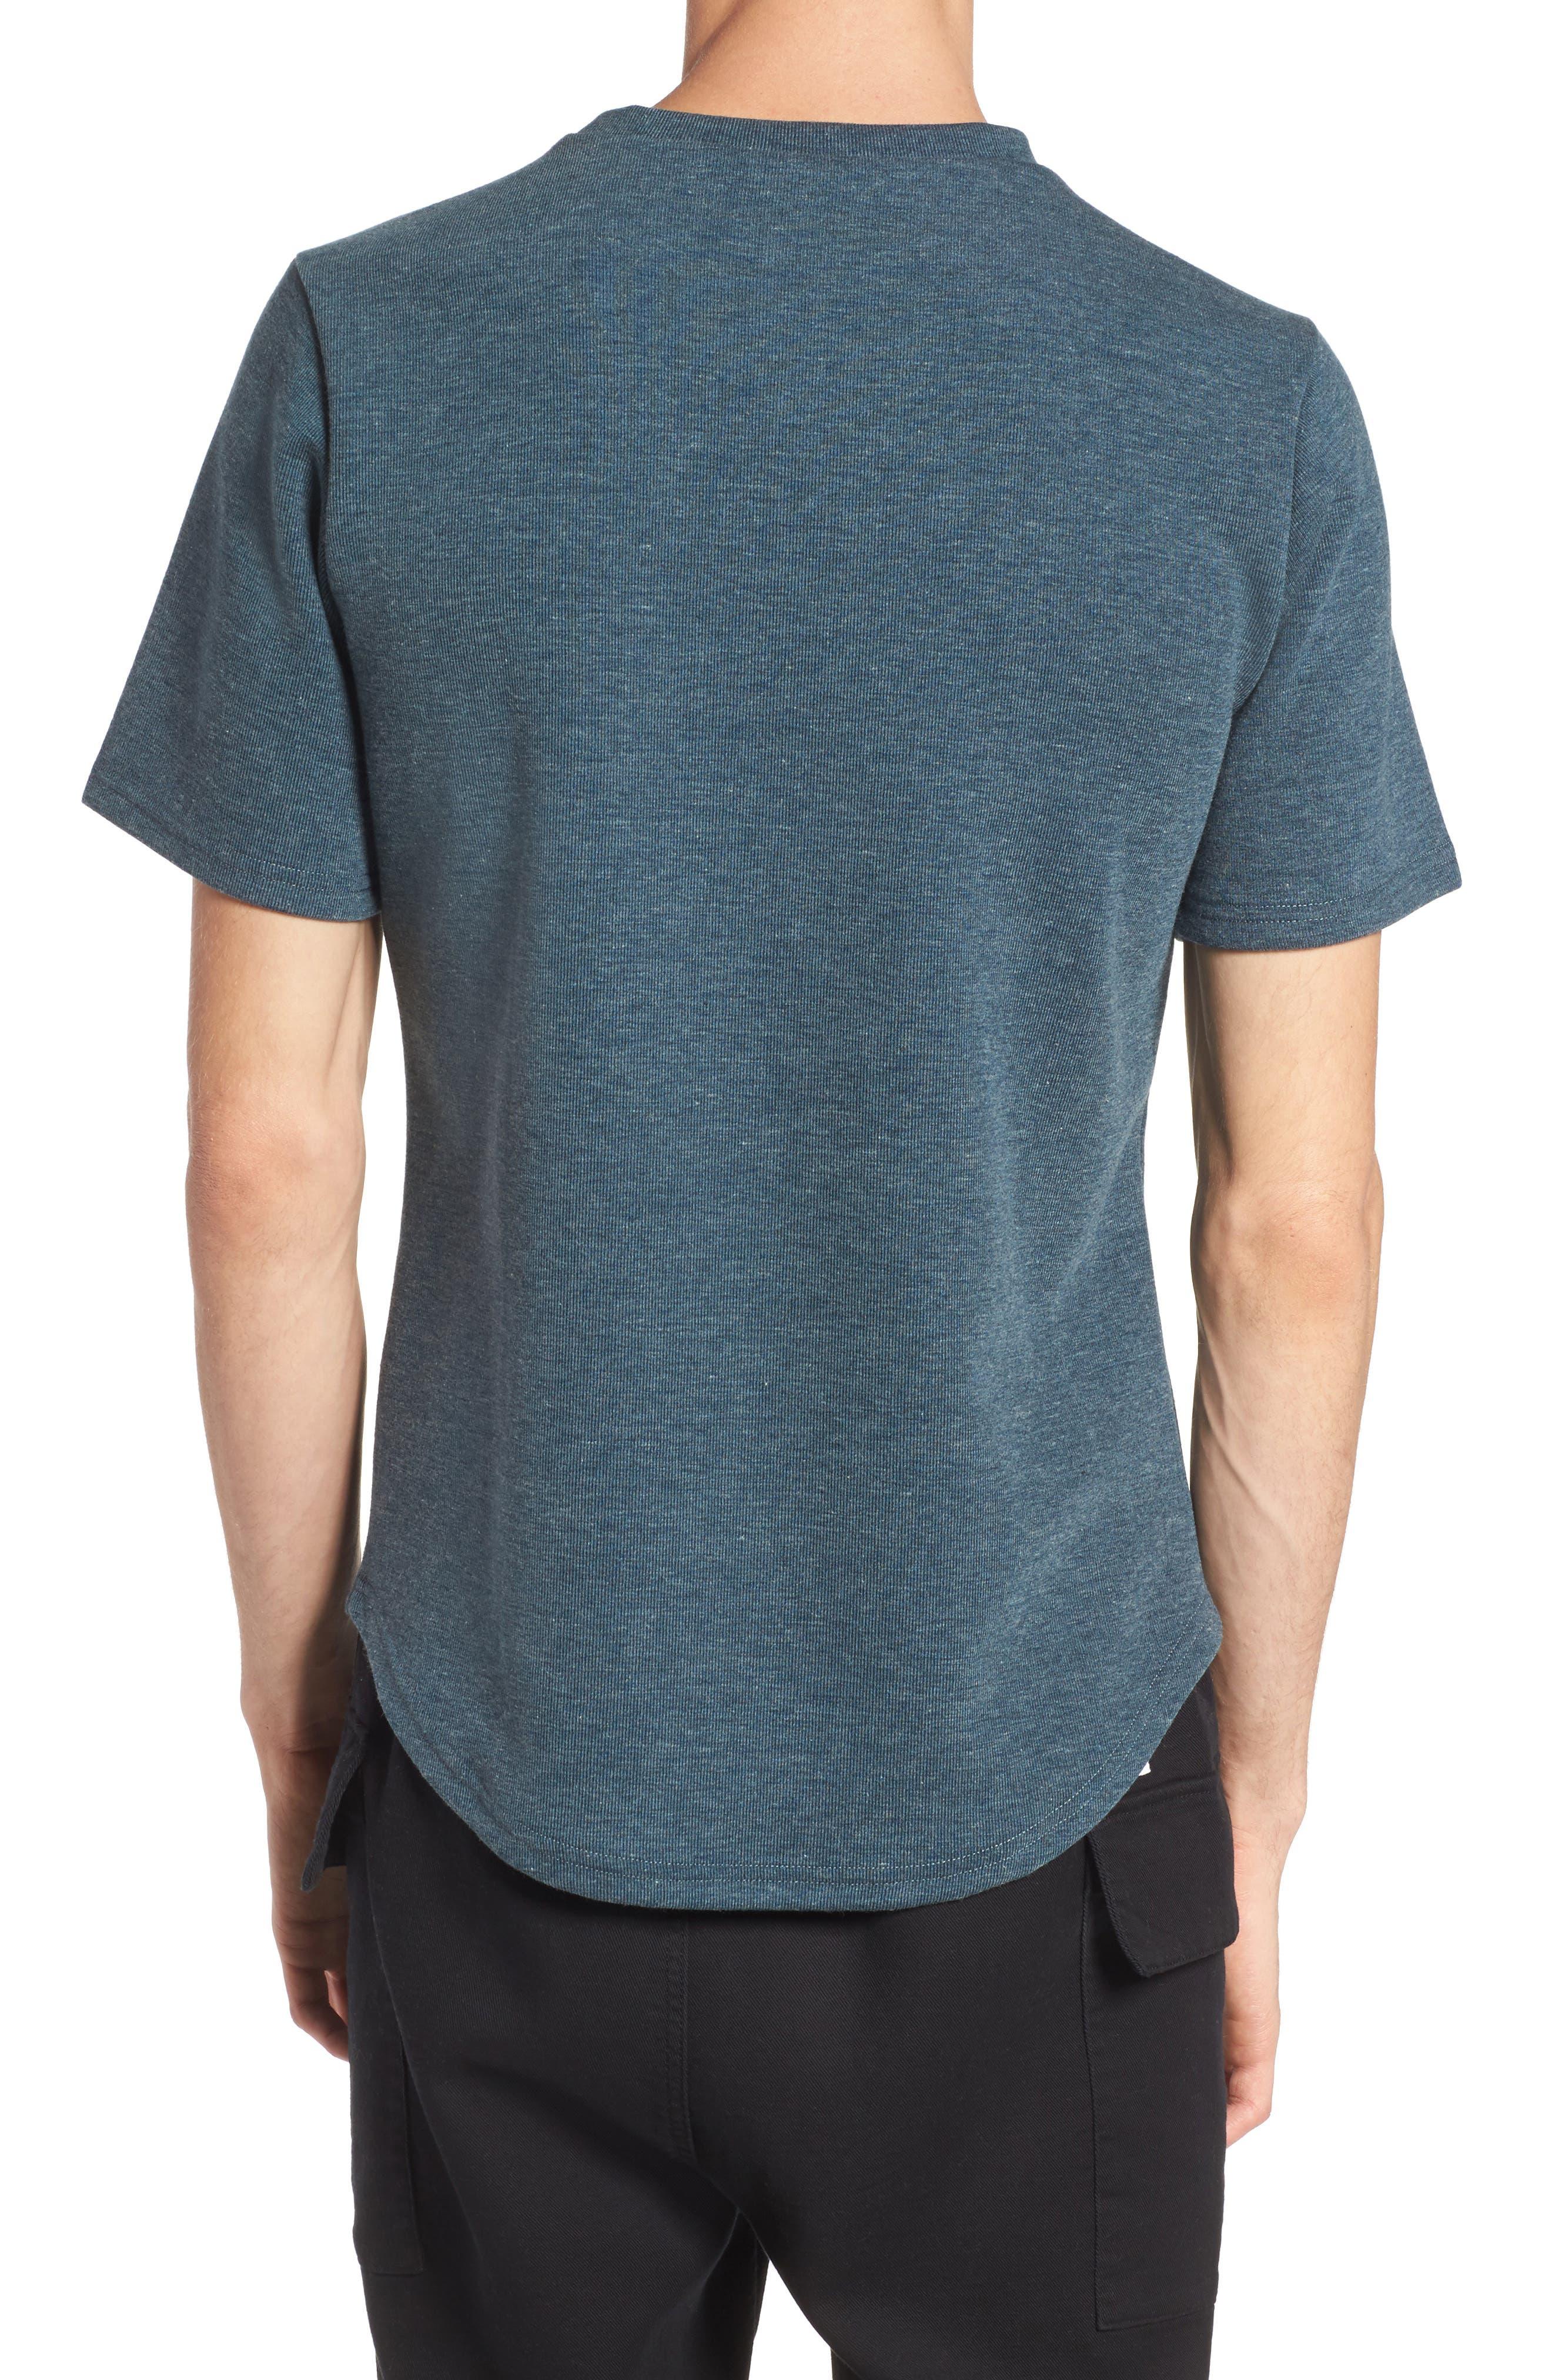 Onyx T-Shirt,                             Alternate thumbnail 2, color,                             440